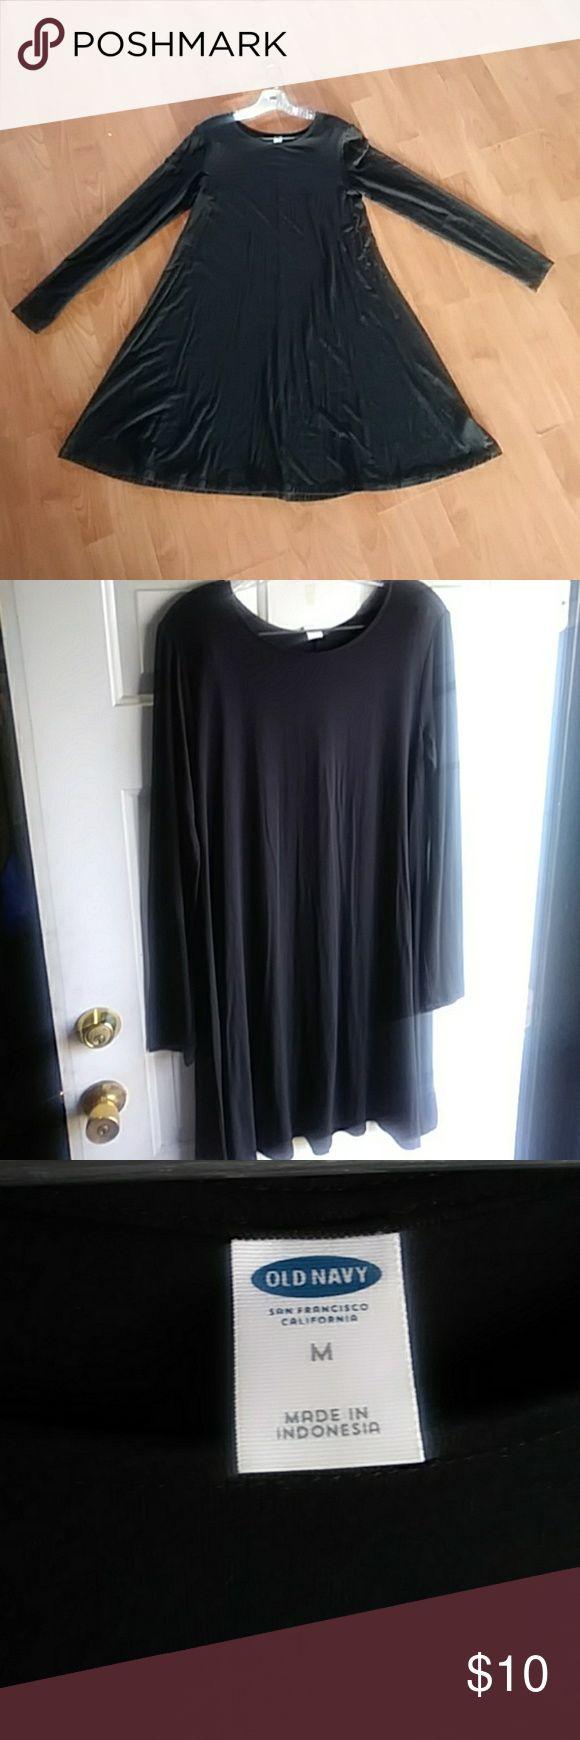 Old Navy long sleeve Jersey Dress Black Jersey long sleeve dress by Old Navy Long sleeve t-shirt dress Old Navy Dresses Long Sleeve